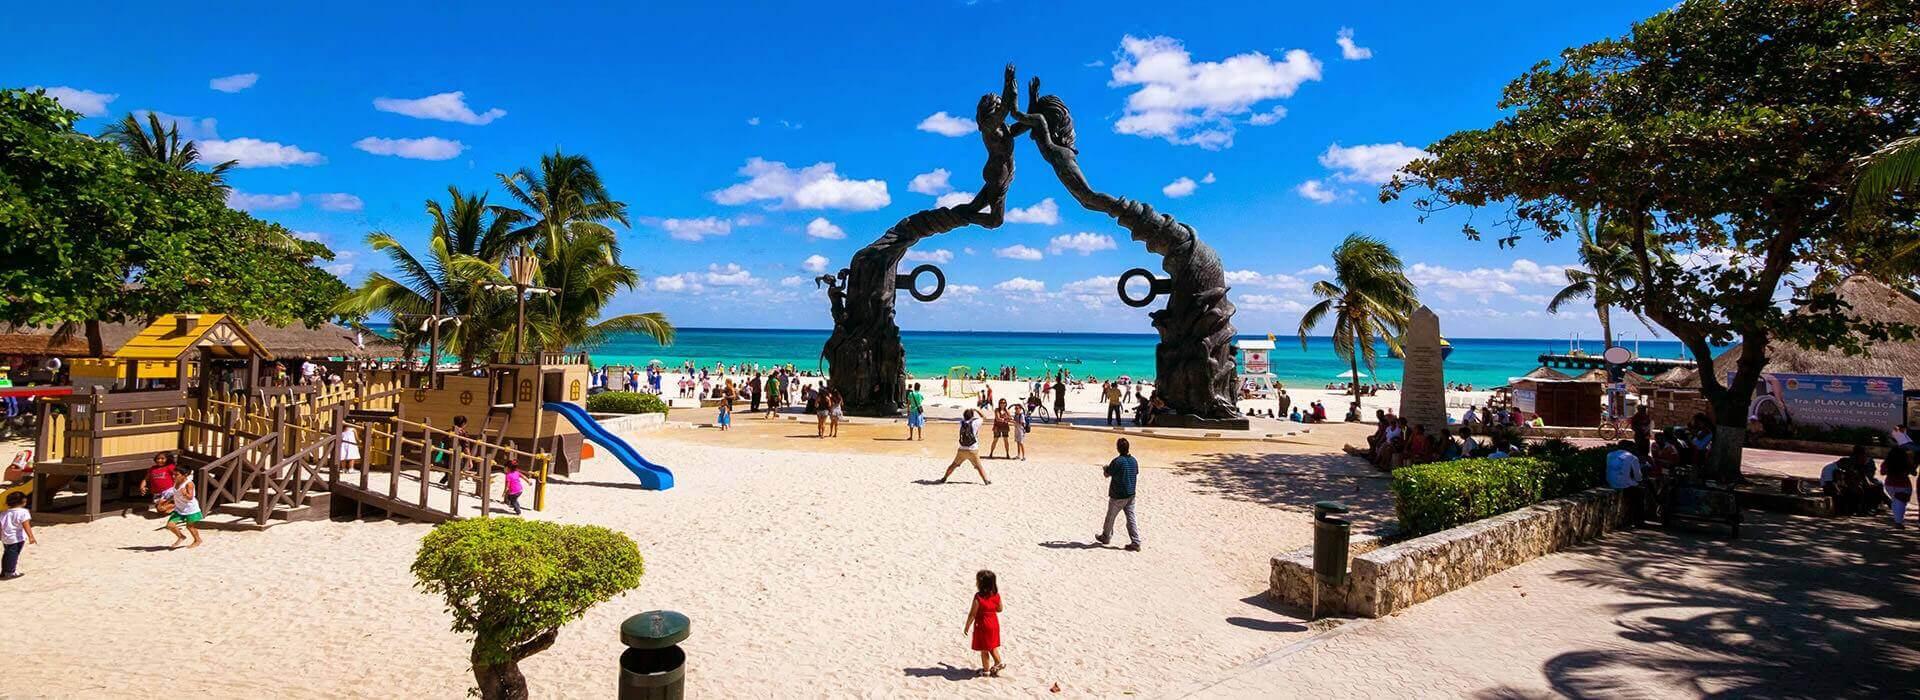 Infos sur playa del carmen arts et voyages for Appart hotel etranger